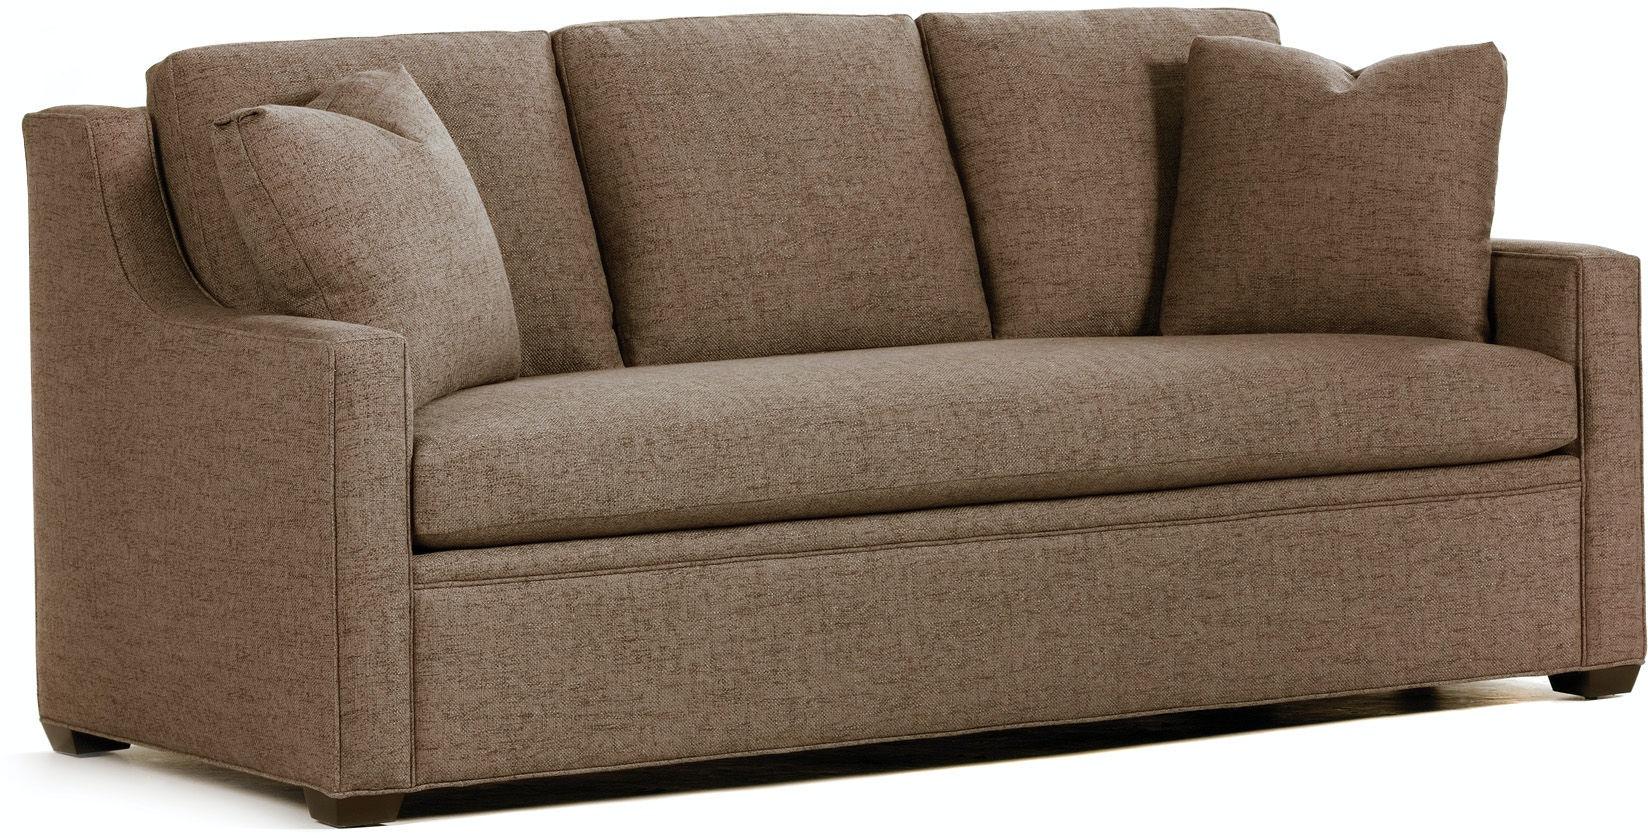 Furniture Stores Reno Nv